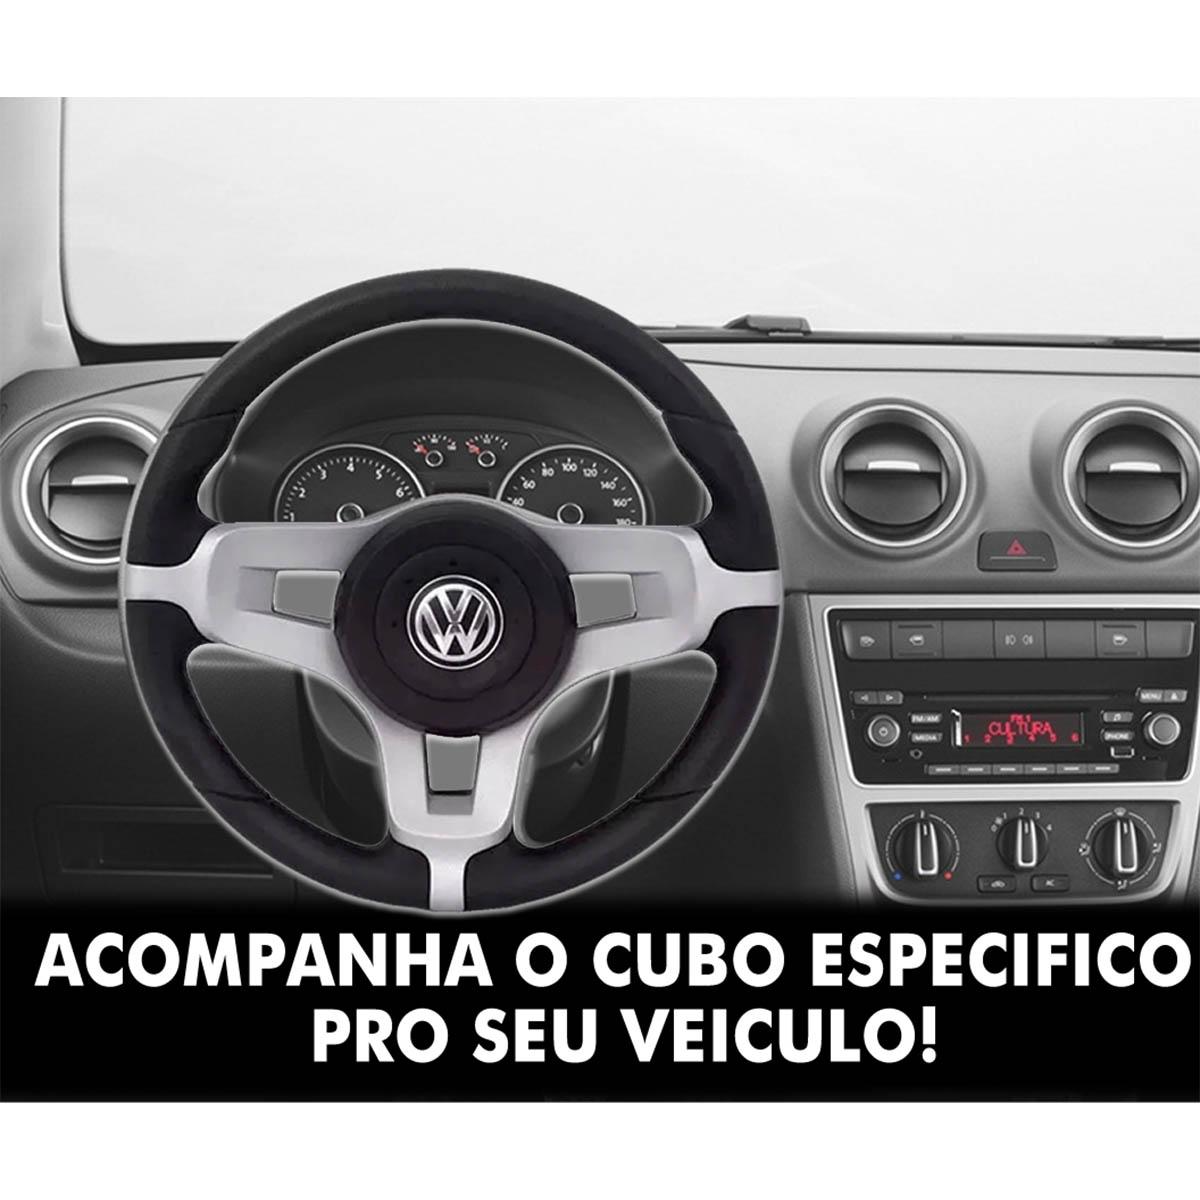 Volante Volkswagen Mustang Esportivo Cubo Gol Quadrado 1980 a 1996 G2 G3 G4 G5 G6 1994 a 2013 Atacado Poliparts